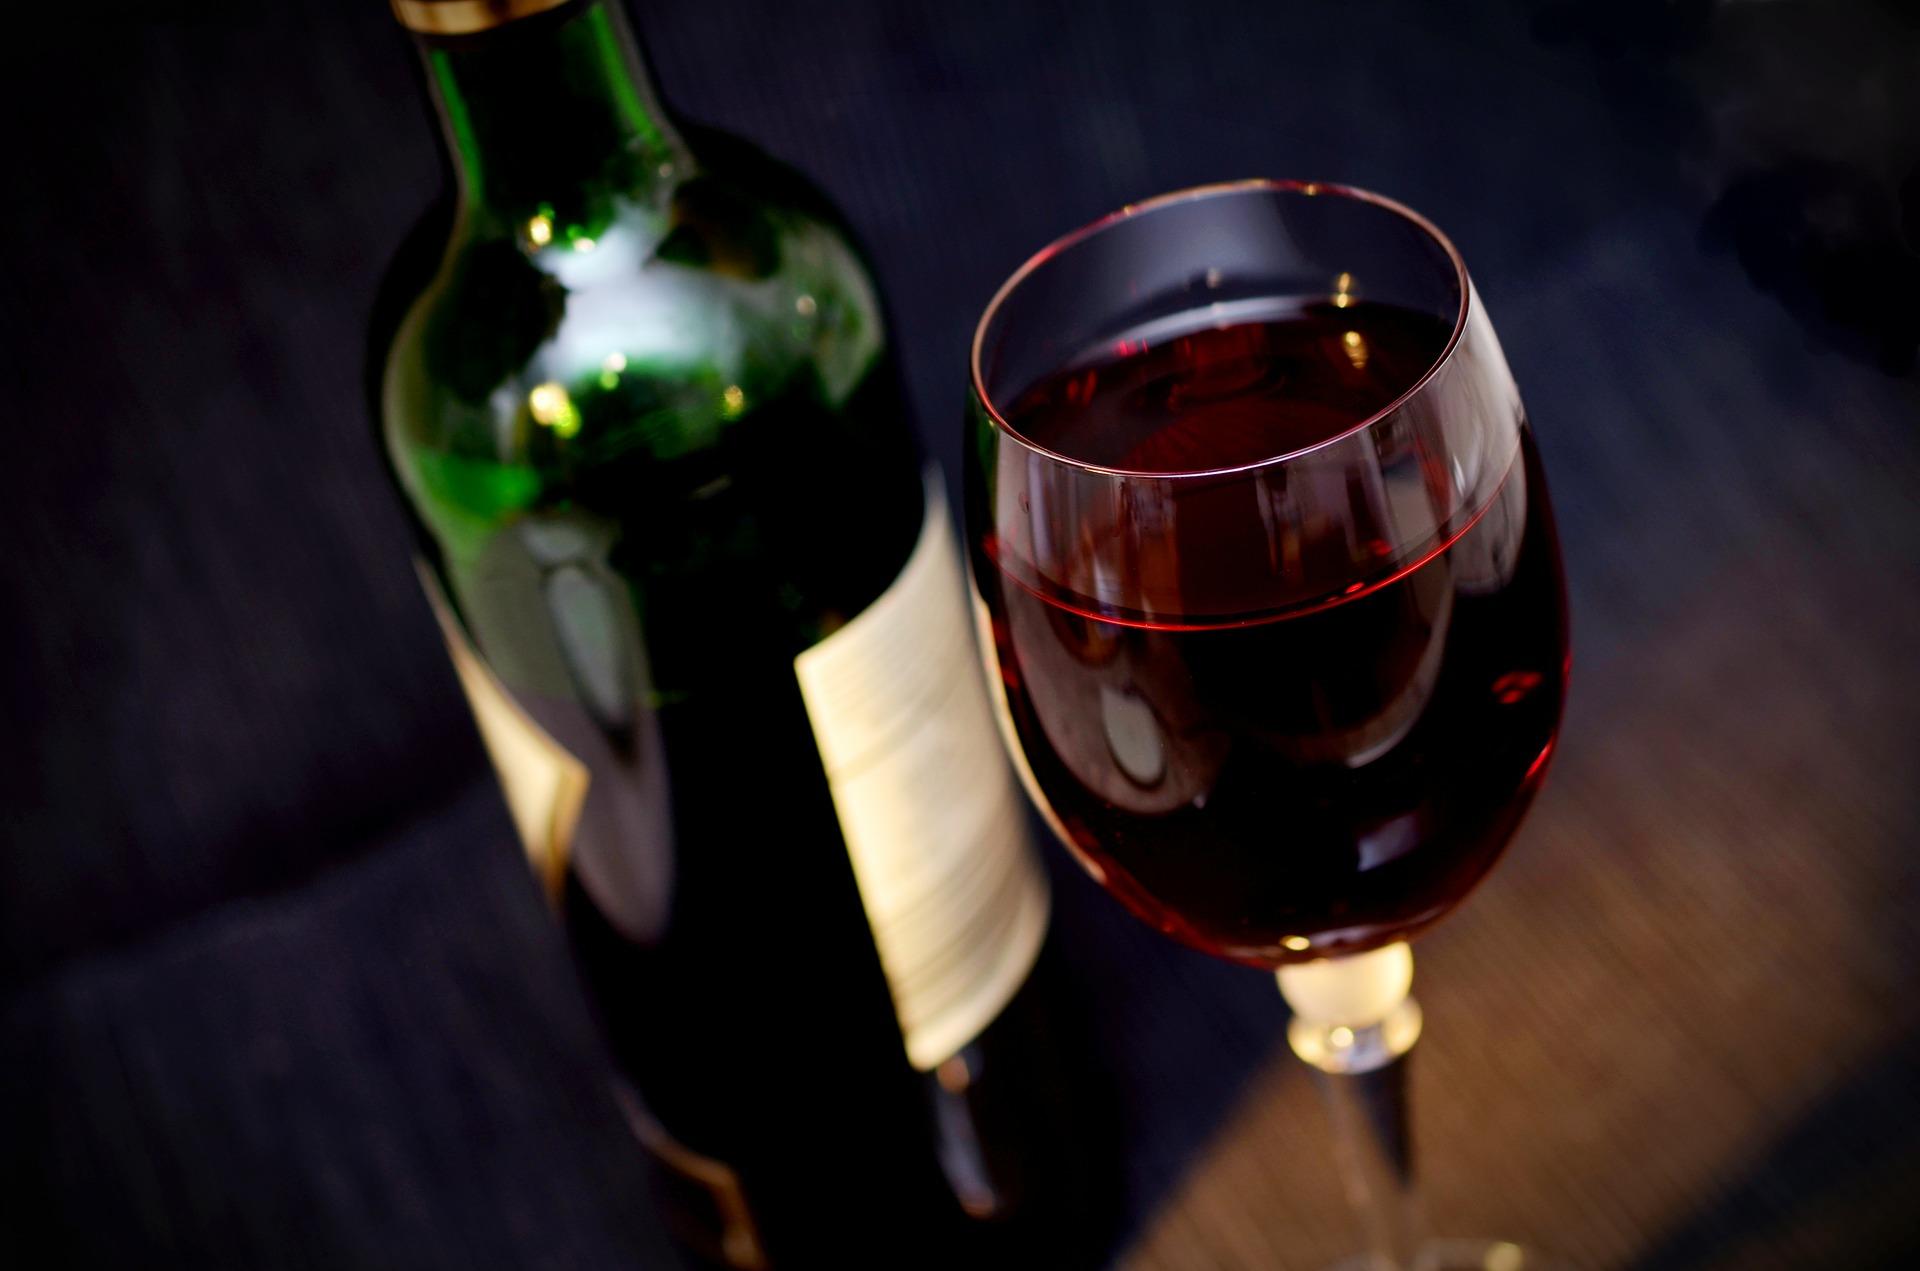 Befragung zur Verbrauchssteuer auf alkoholische Getränke